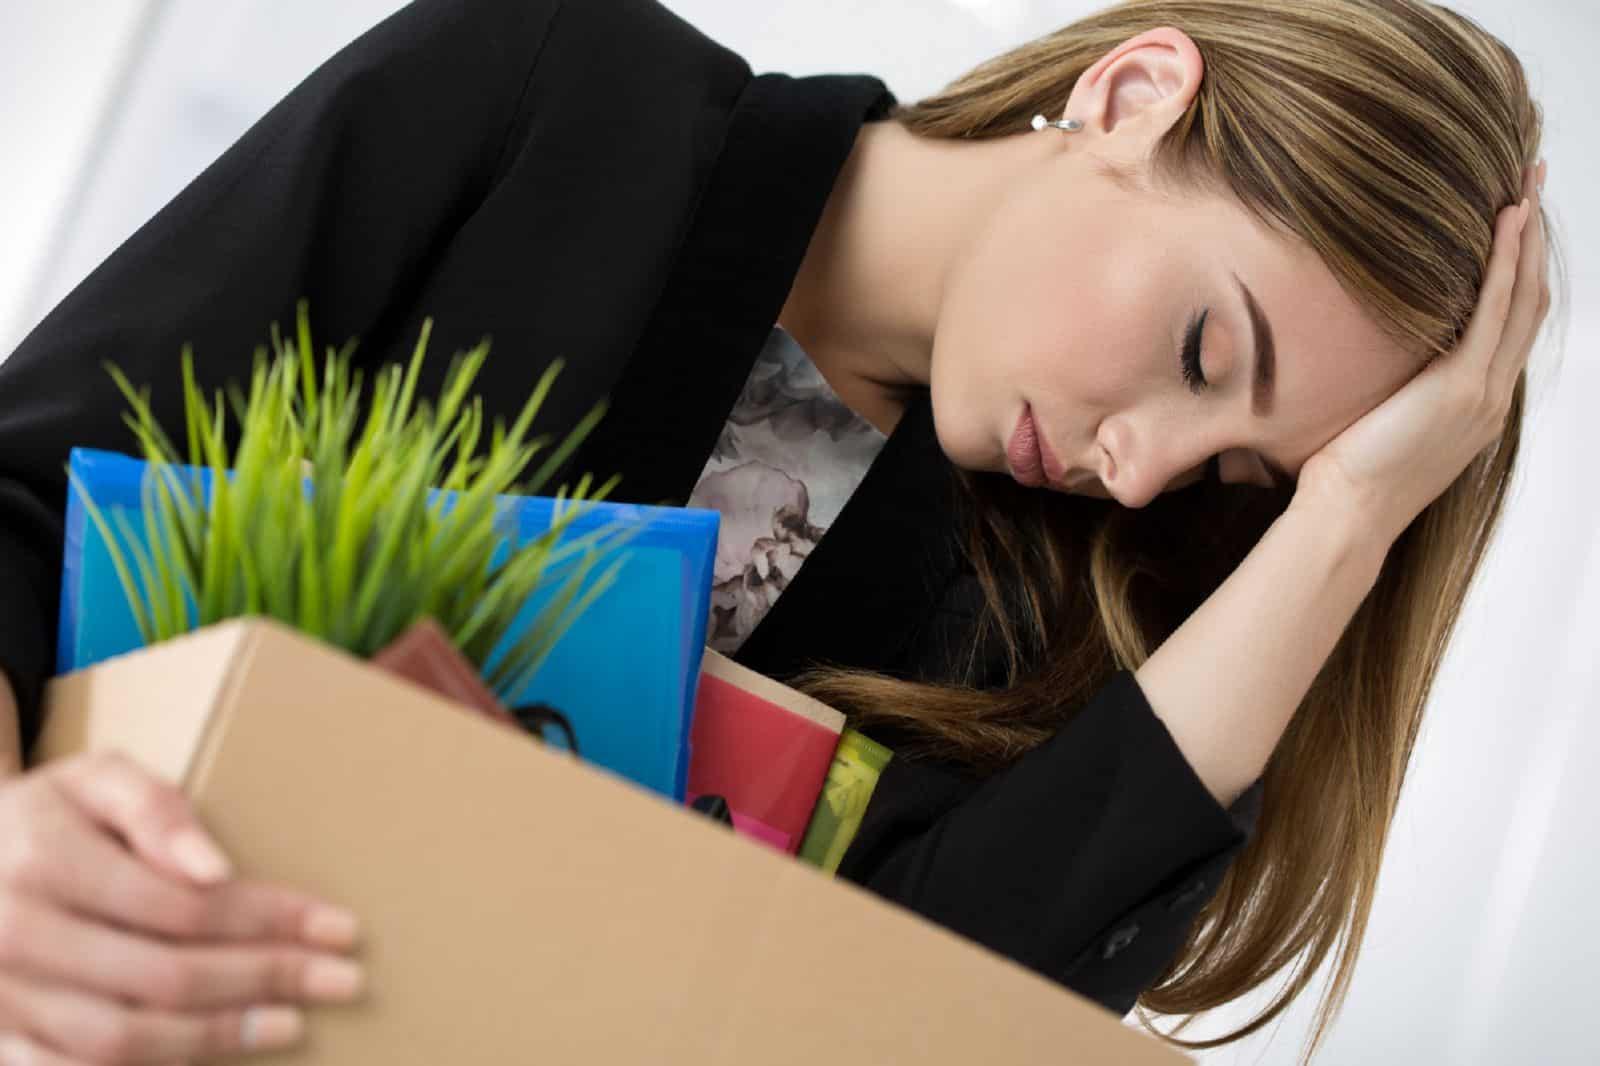 Можно ли уволить мать-одиночку - когда возможно, трудовые гарантии, с несовершеннолетним ребенком, сокращение, прогул, ликвидация предприятия, как оспорить